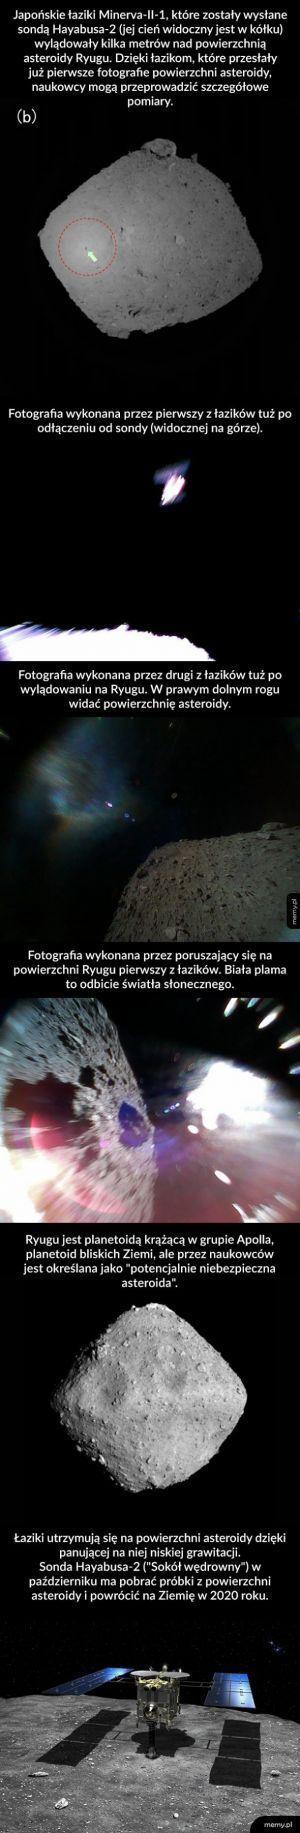 Pierwsze zdjęcia z powierzchni asteroidy